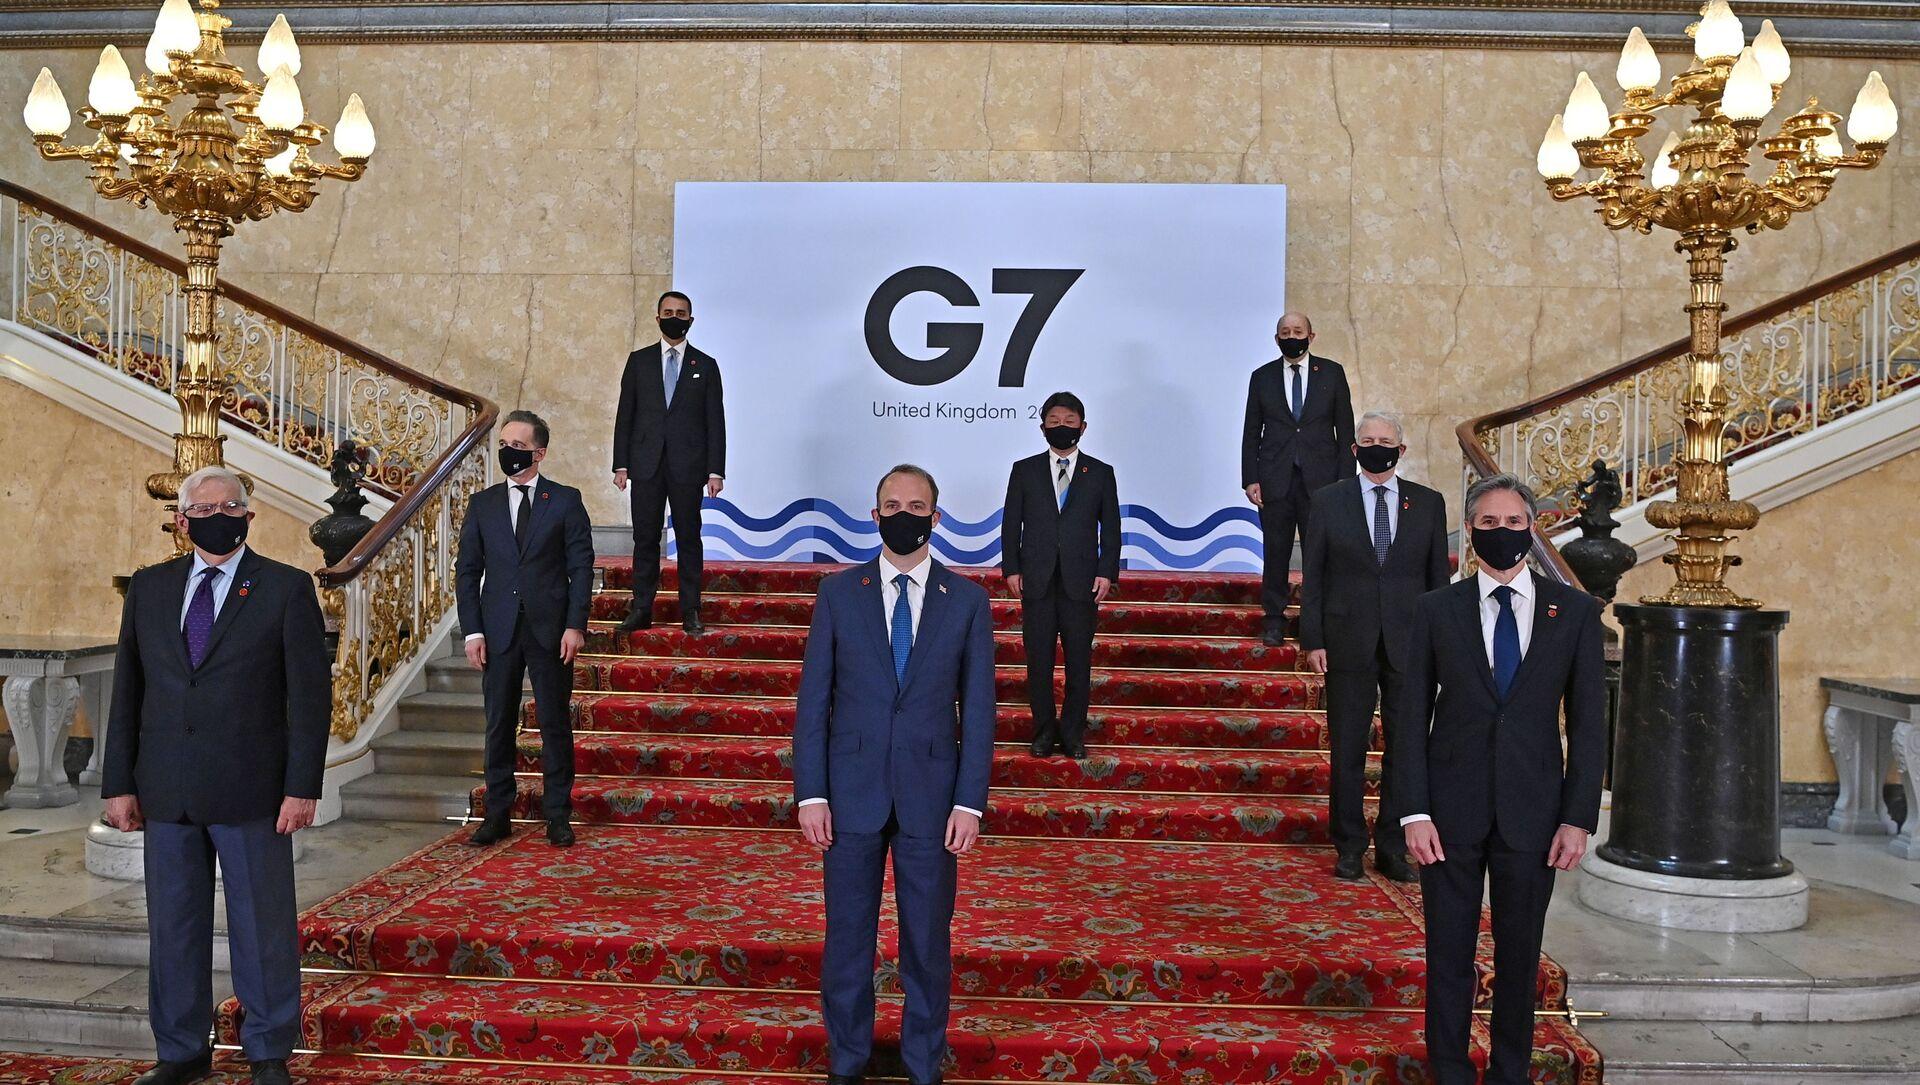 В начале встречи министров иностранных дел G7 в Лондоне - Sputnik Беларусь, 1920, 04.05.2021